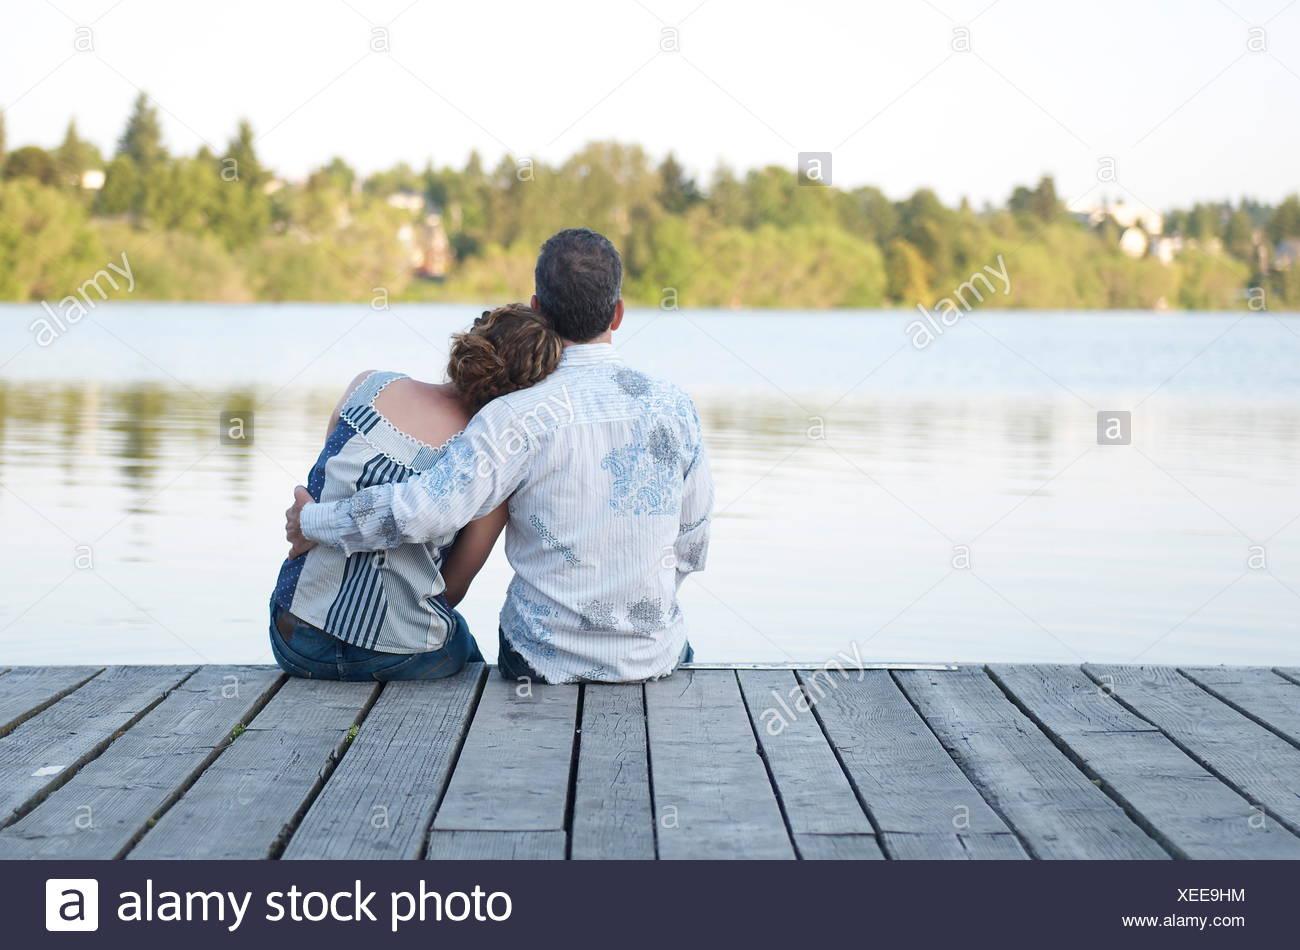 Vista trasera de una pareja sentada en un muelle de madera abrazando Imagen De Stock